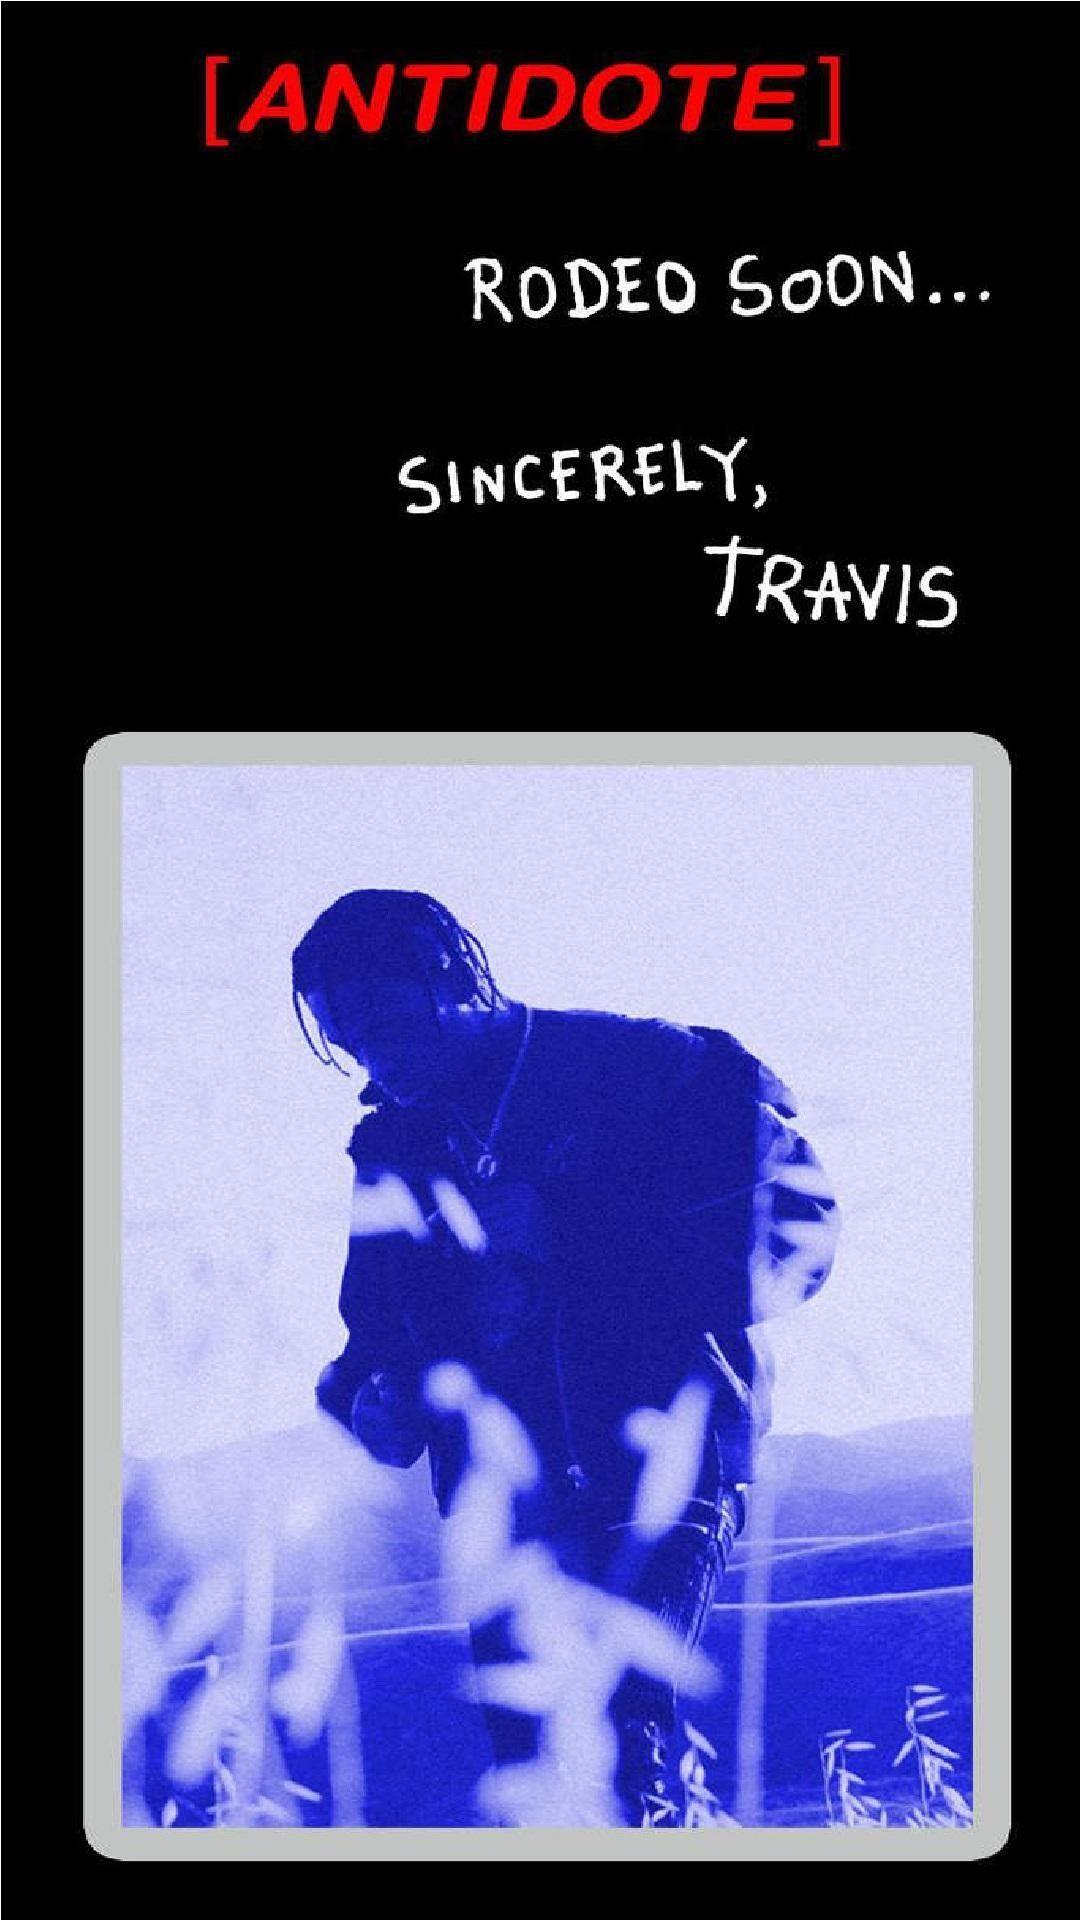 Travisscottwallpapers In 2020 Travis Scott Iphone Wallpaper Travis Scott Wallpapers Iphone Wallpaper